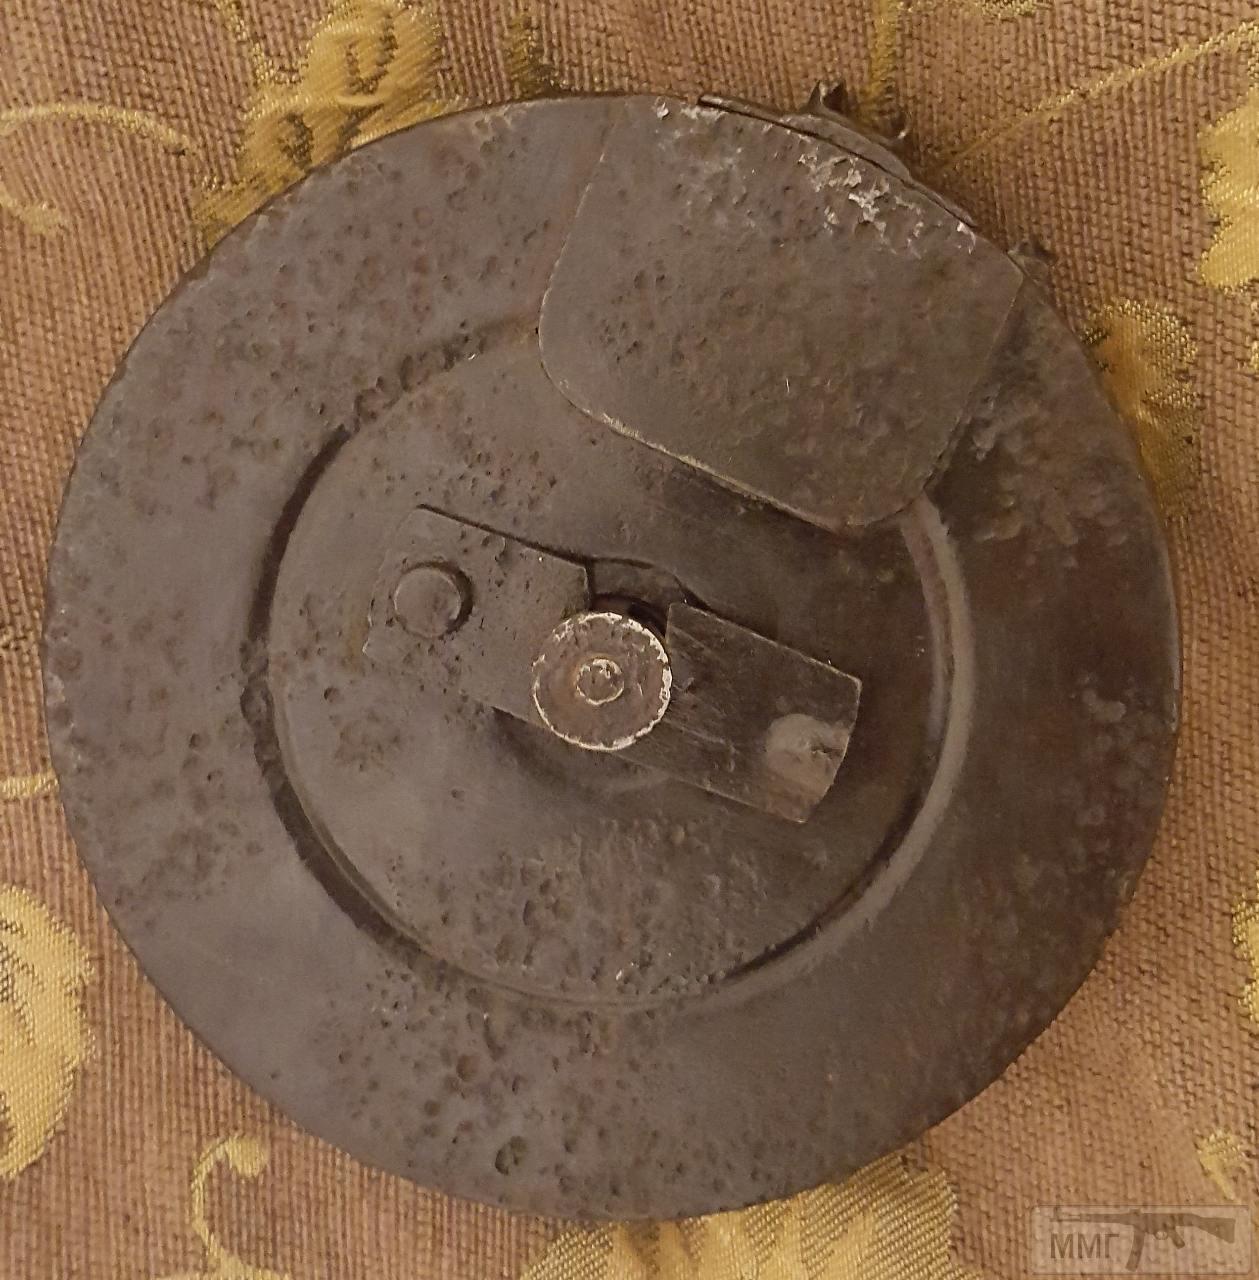 19486 - Моя коллекция ММГ